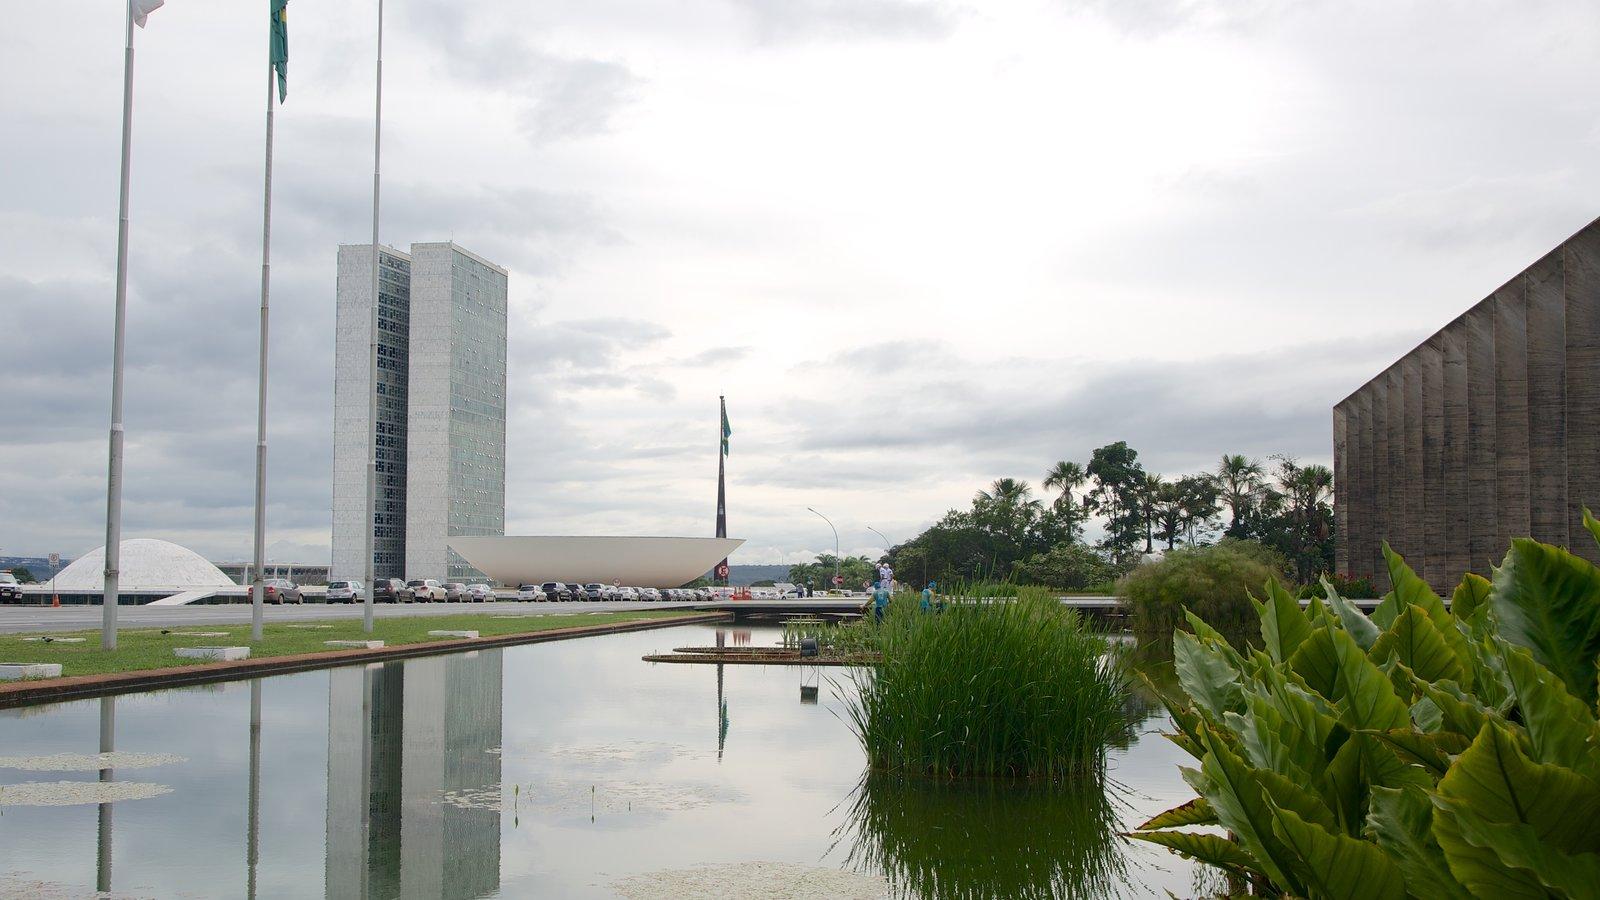 Palácio do Itamaraty que inclui uma cidade, um lago e arquitetura moderna